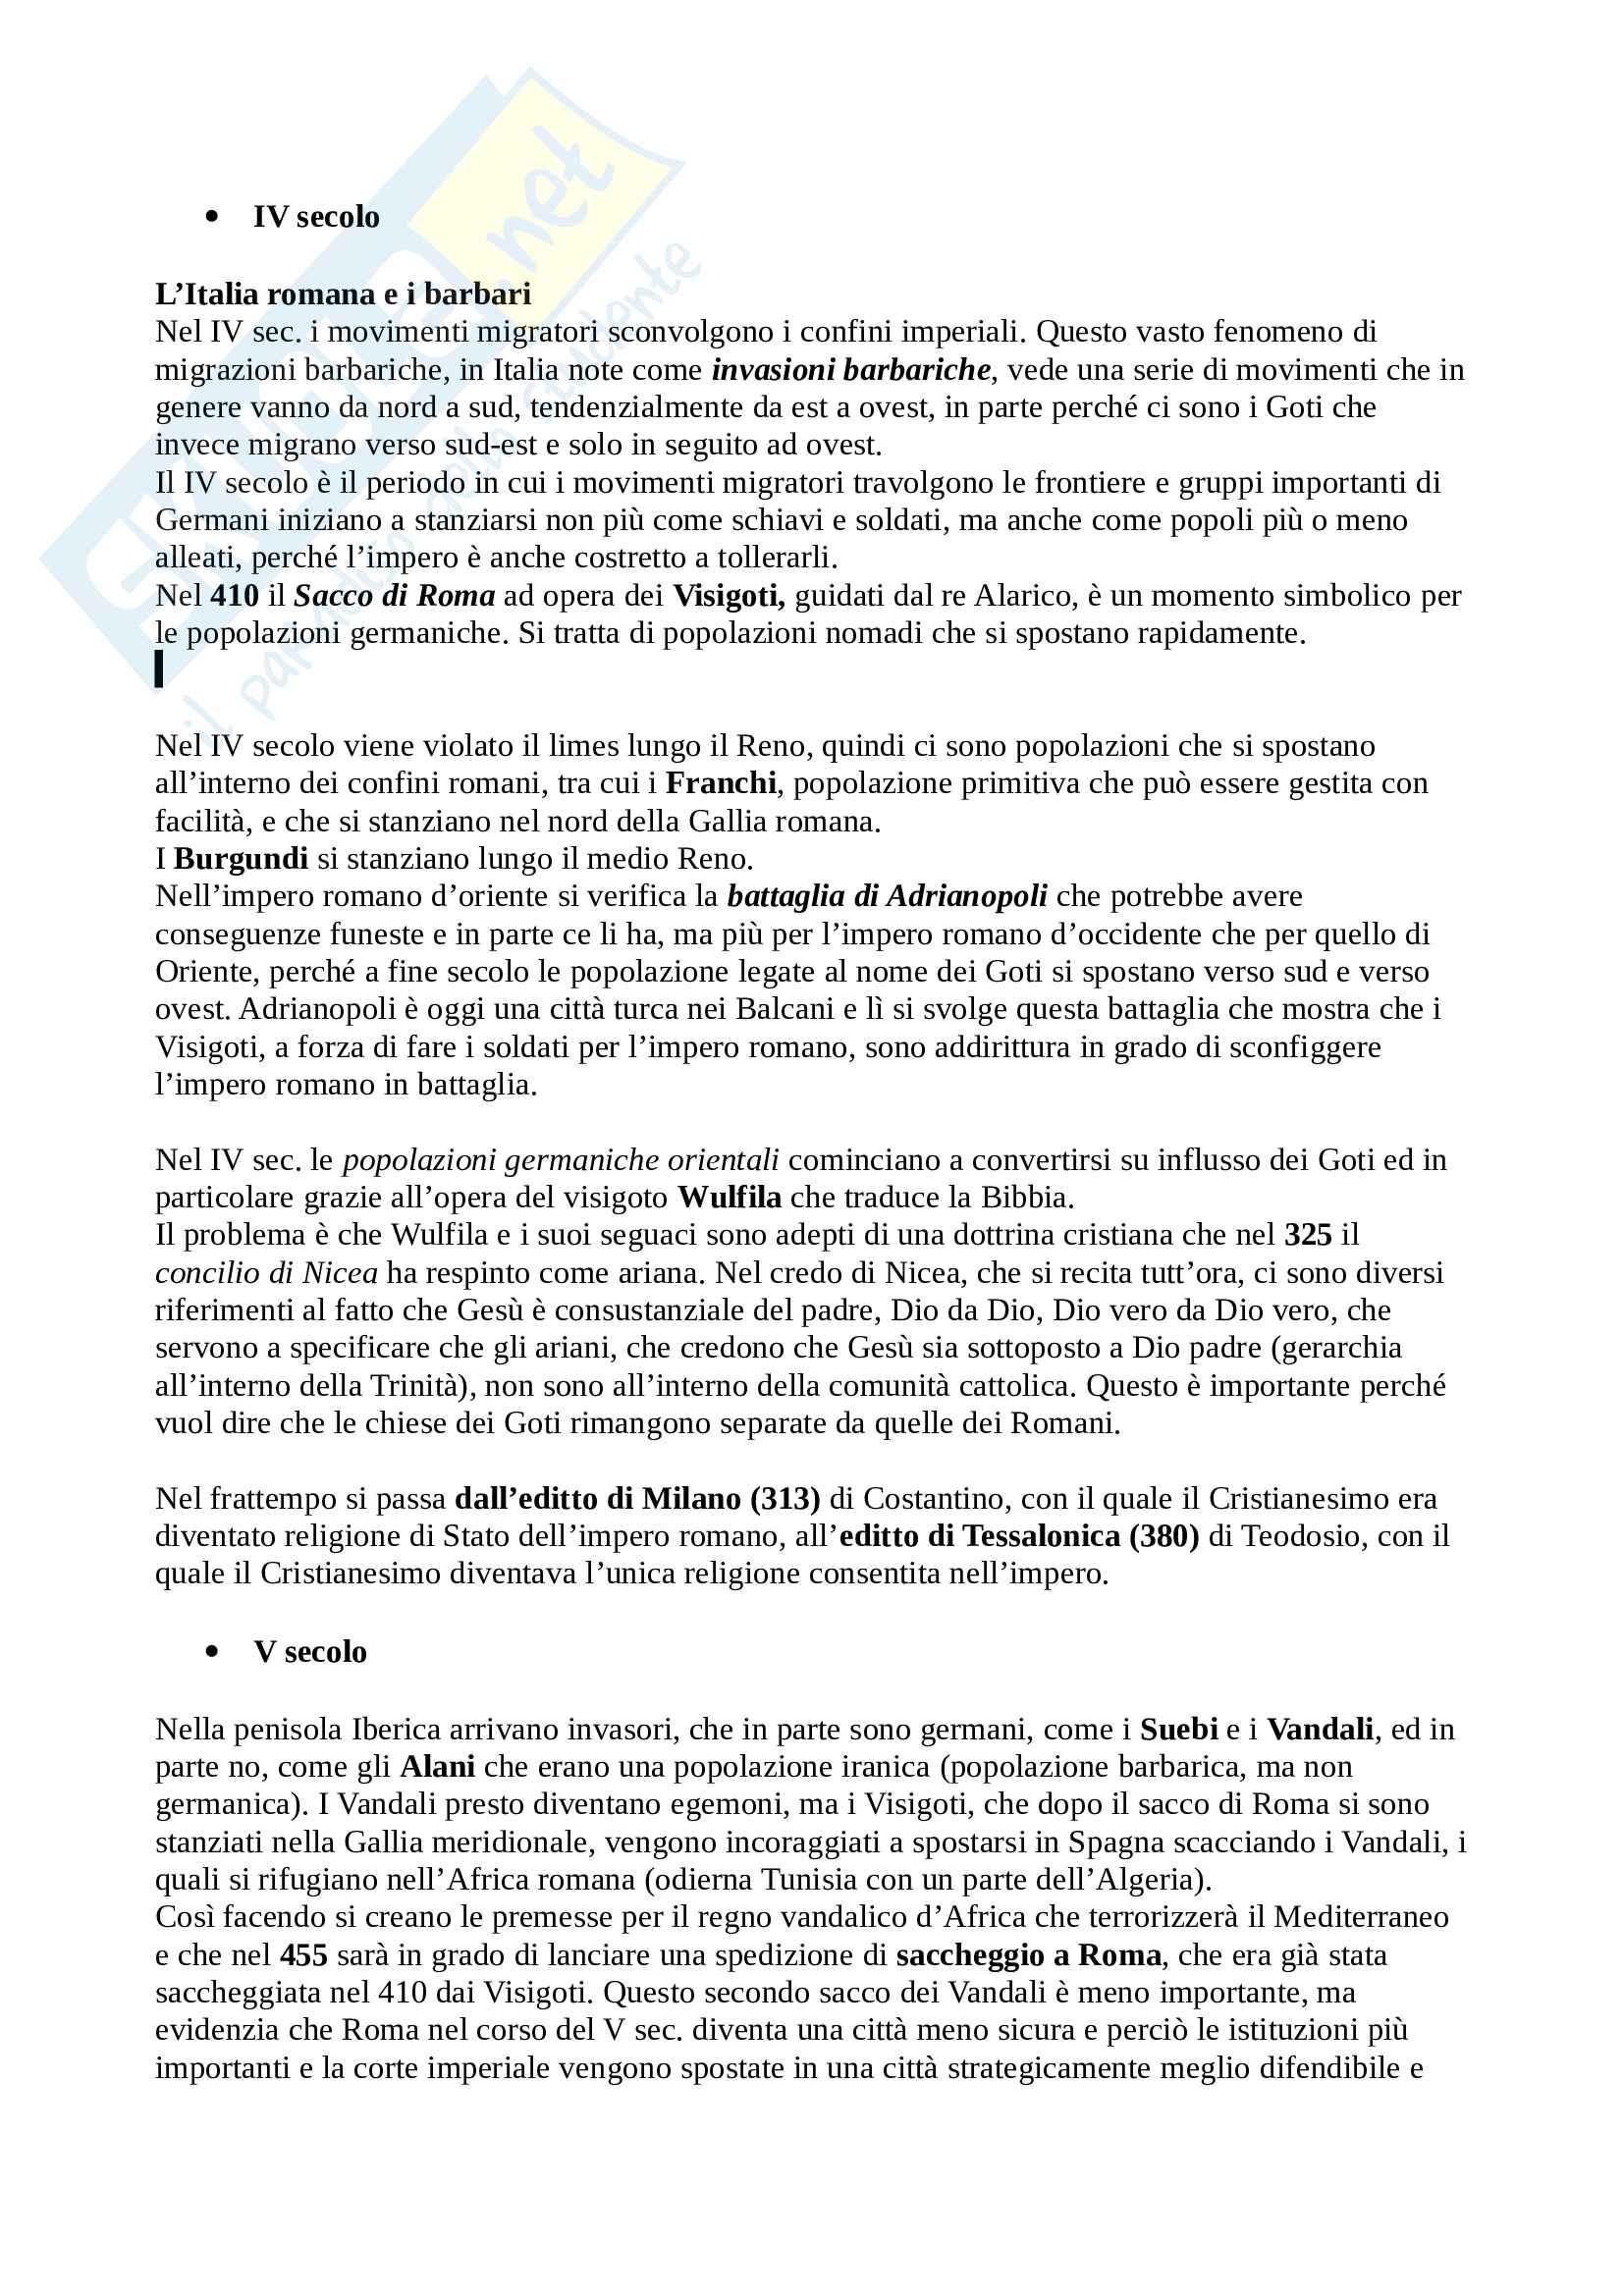 Storia IV - IX secolo - Filologia germanica